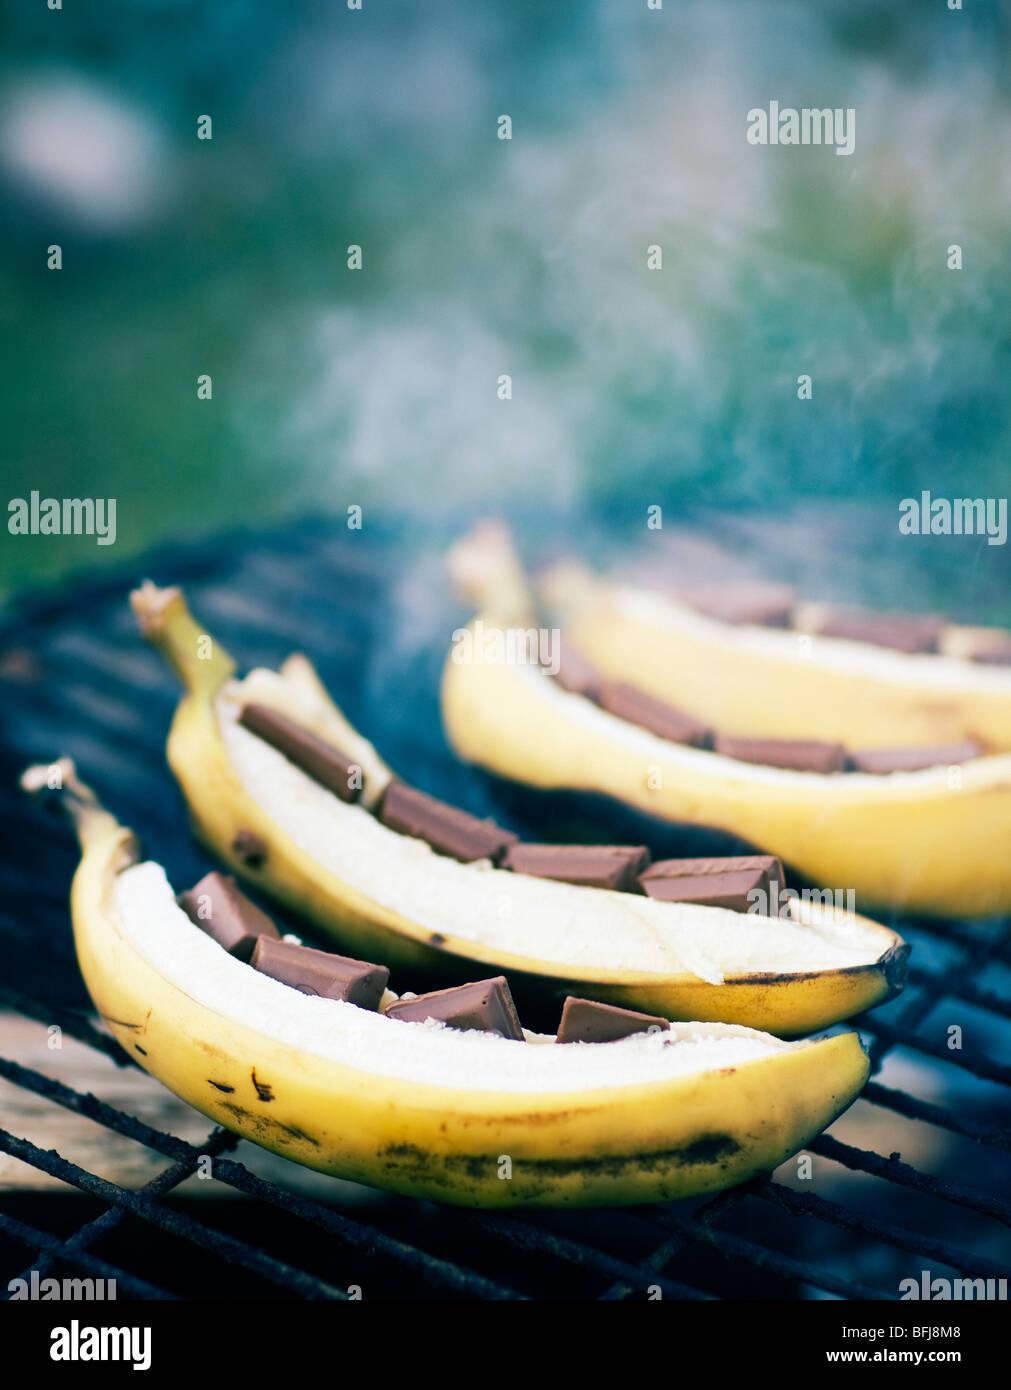 Los plátanos con chocolate en una barbacoa, Suecia. Imagen De Stock